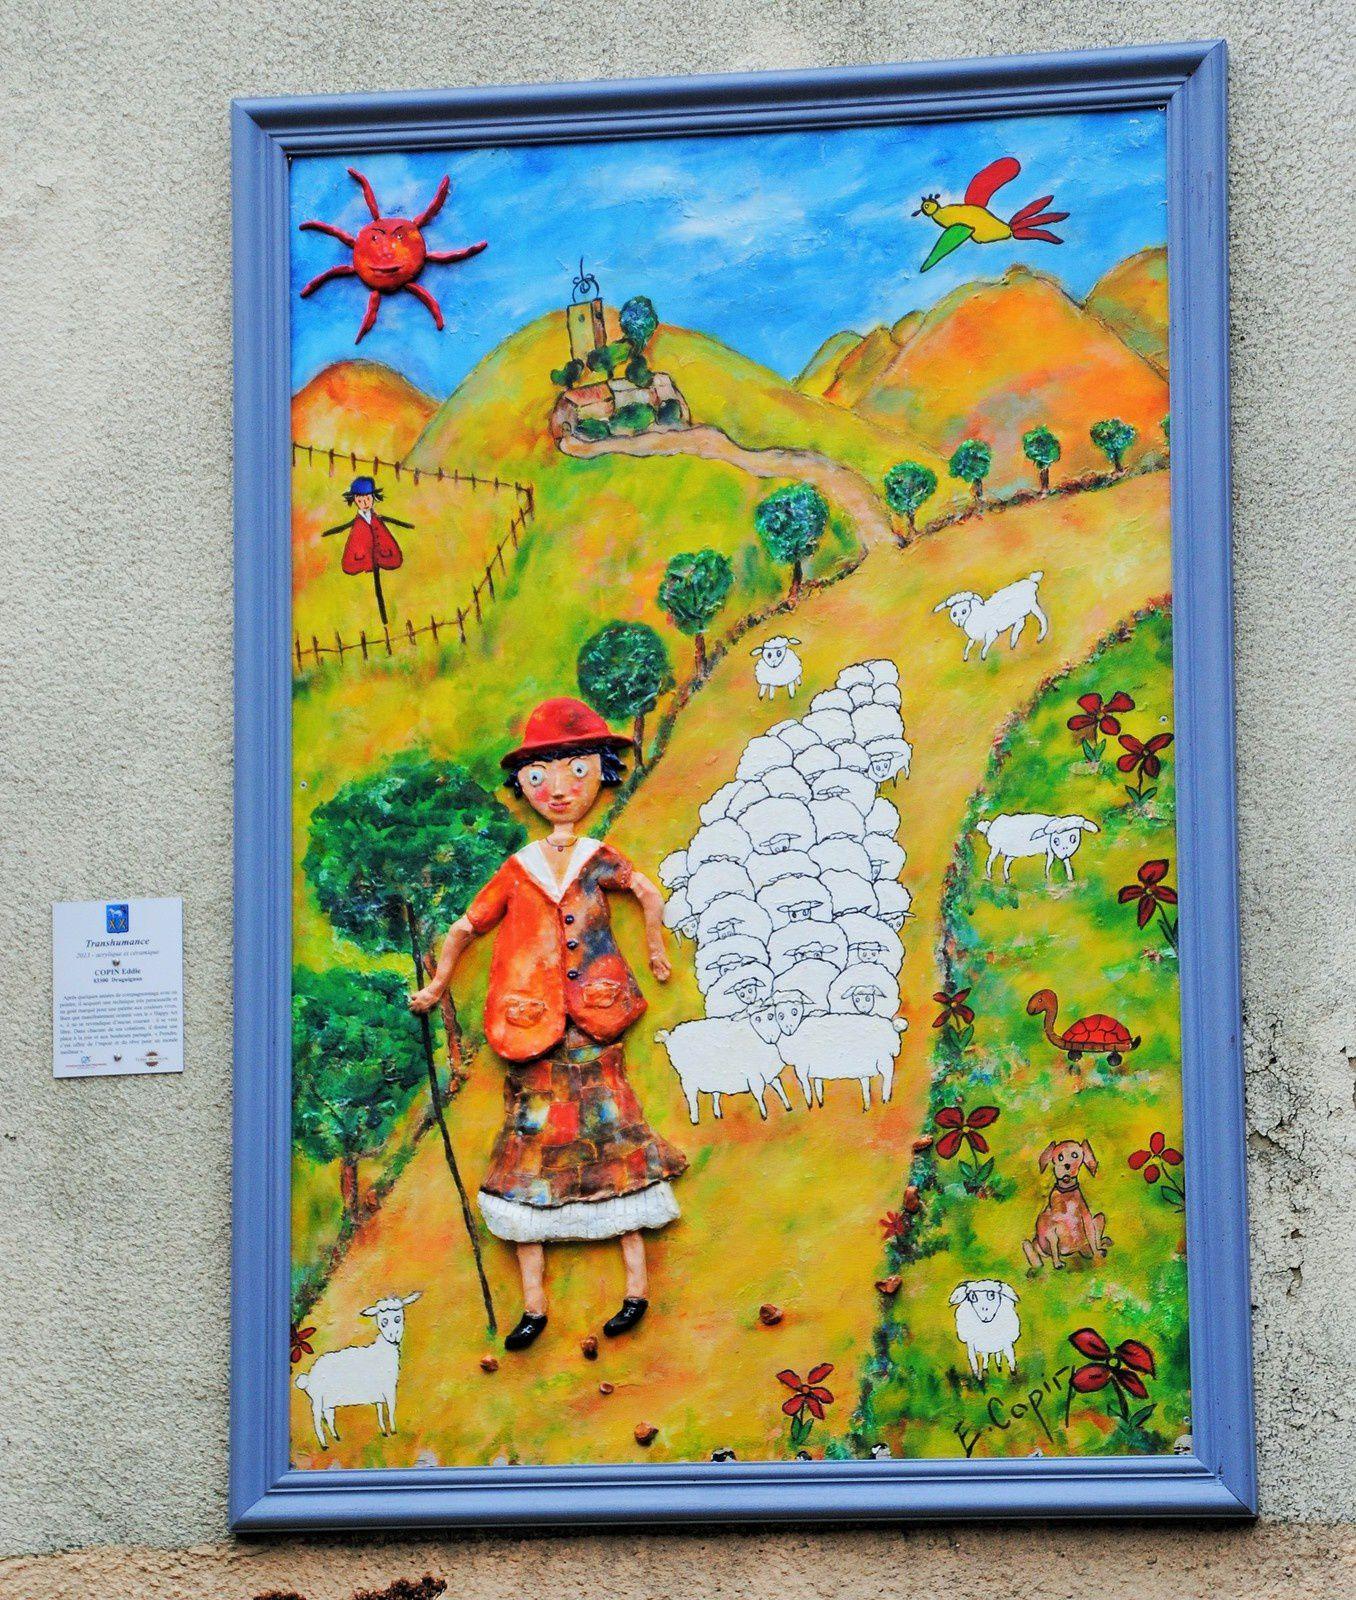 Tourrettes et ces maisons aux portes peintes par des artistes du pays de Fayence . LEglise du XI  ème siècle restaurée en 1546 et constituée d'une seule nef voutée et le passage sous son clocher